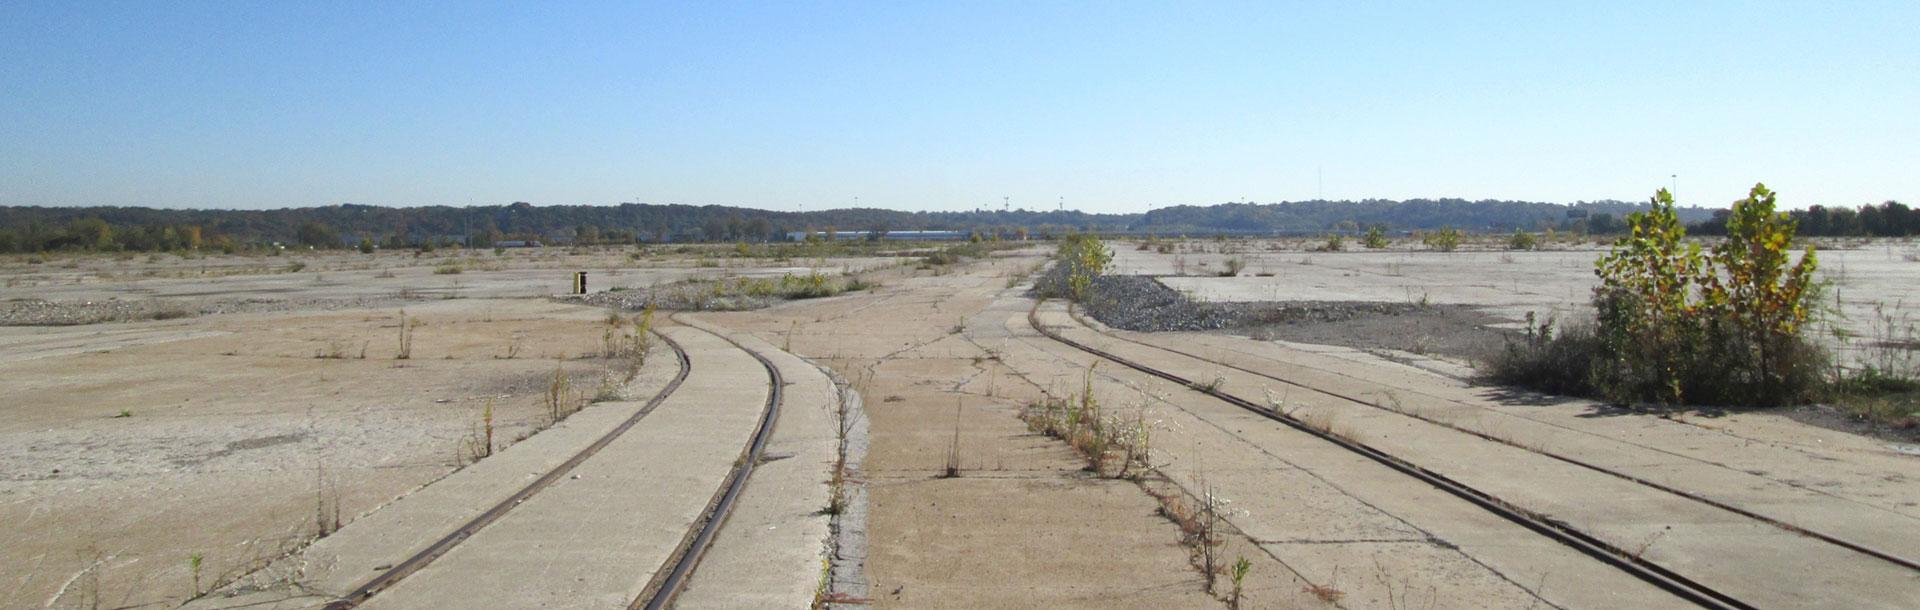 Former Chrysler Assembly plant in Fenton, Missouri